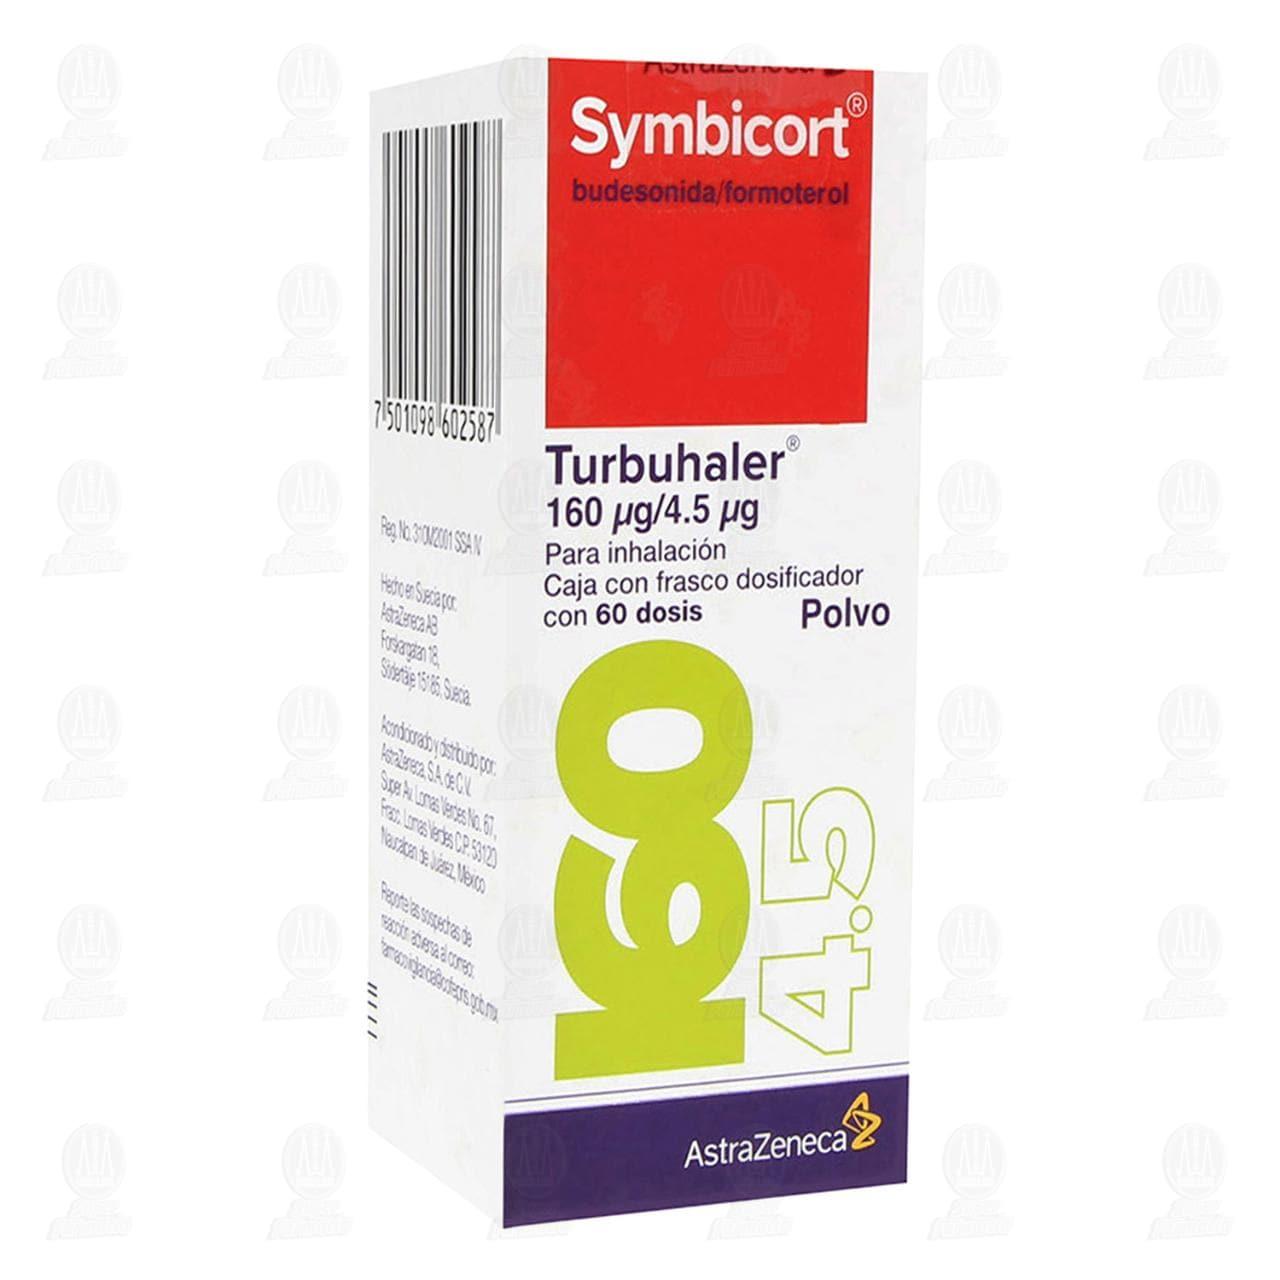 Symbicort Turbuh 160/4.5mcg 60 Dosis